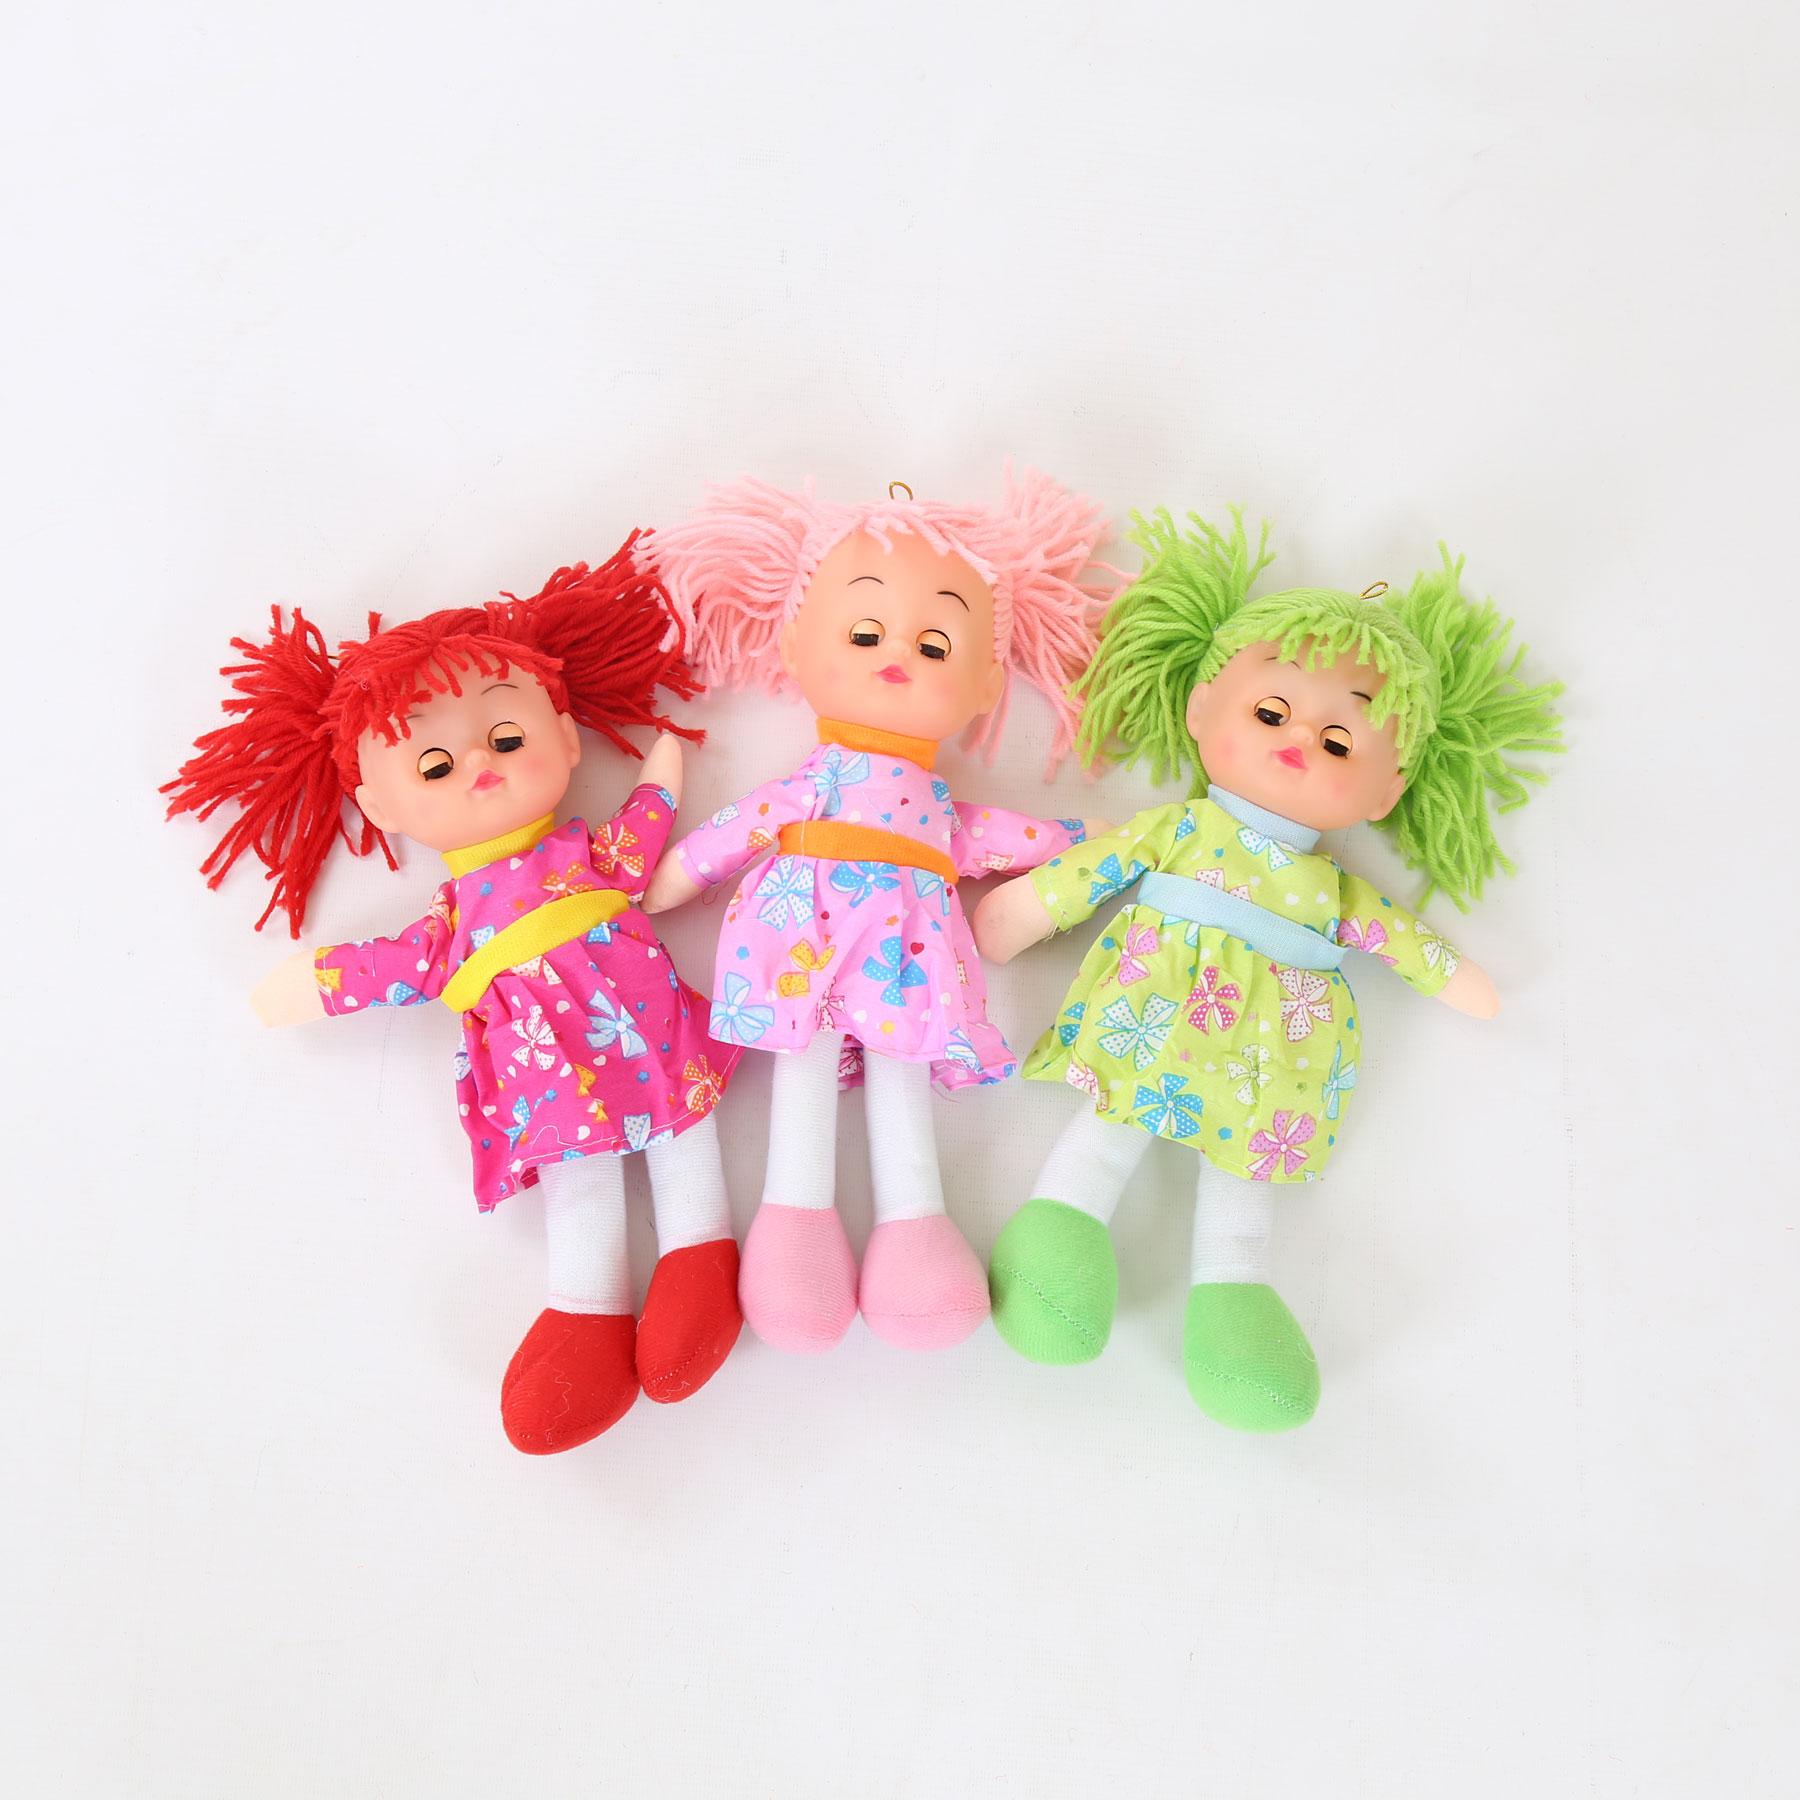 полюбился фото куклы глюкозы подписи снимку астролог